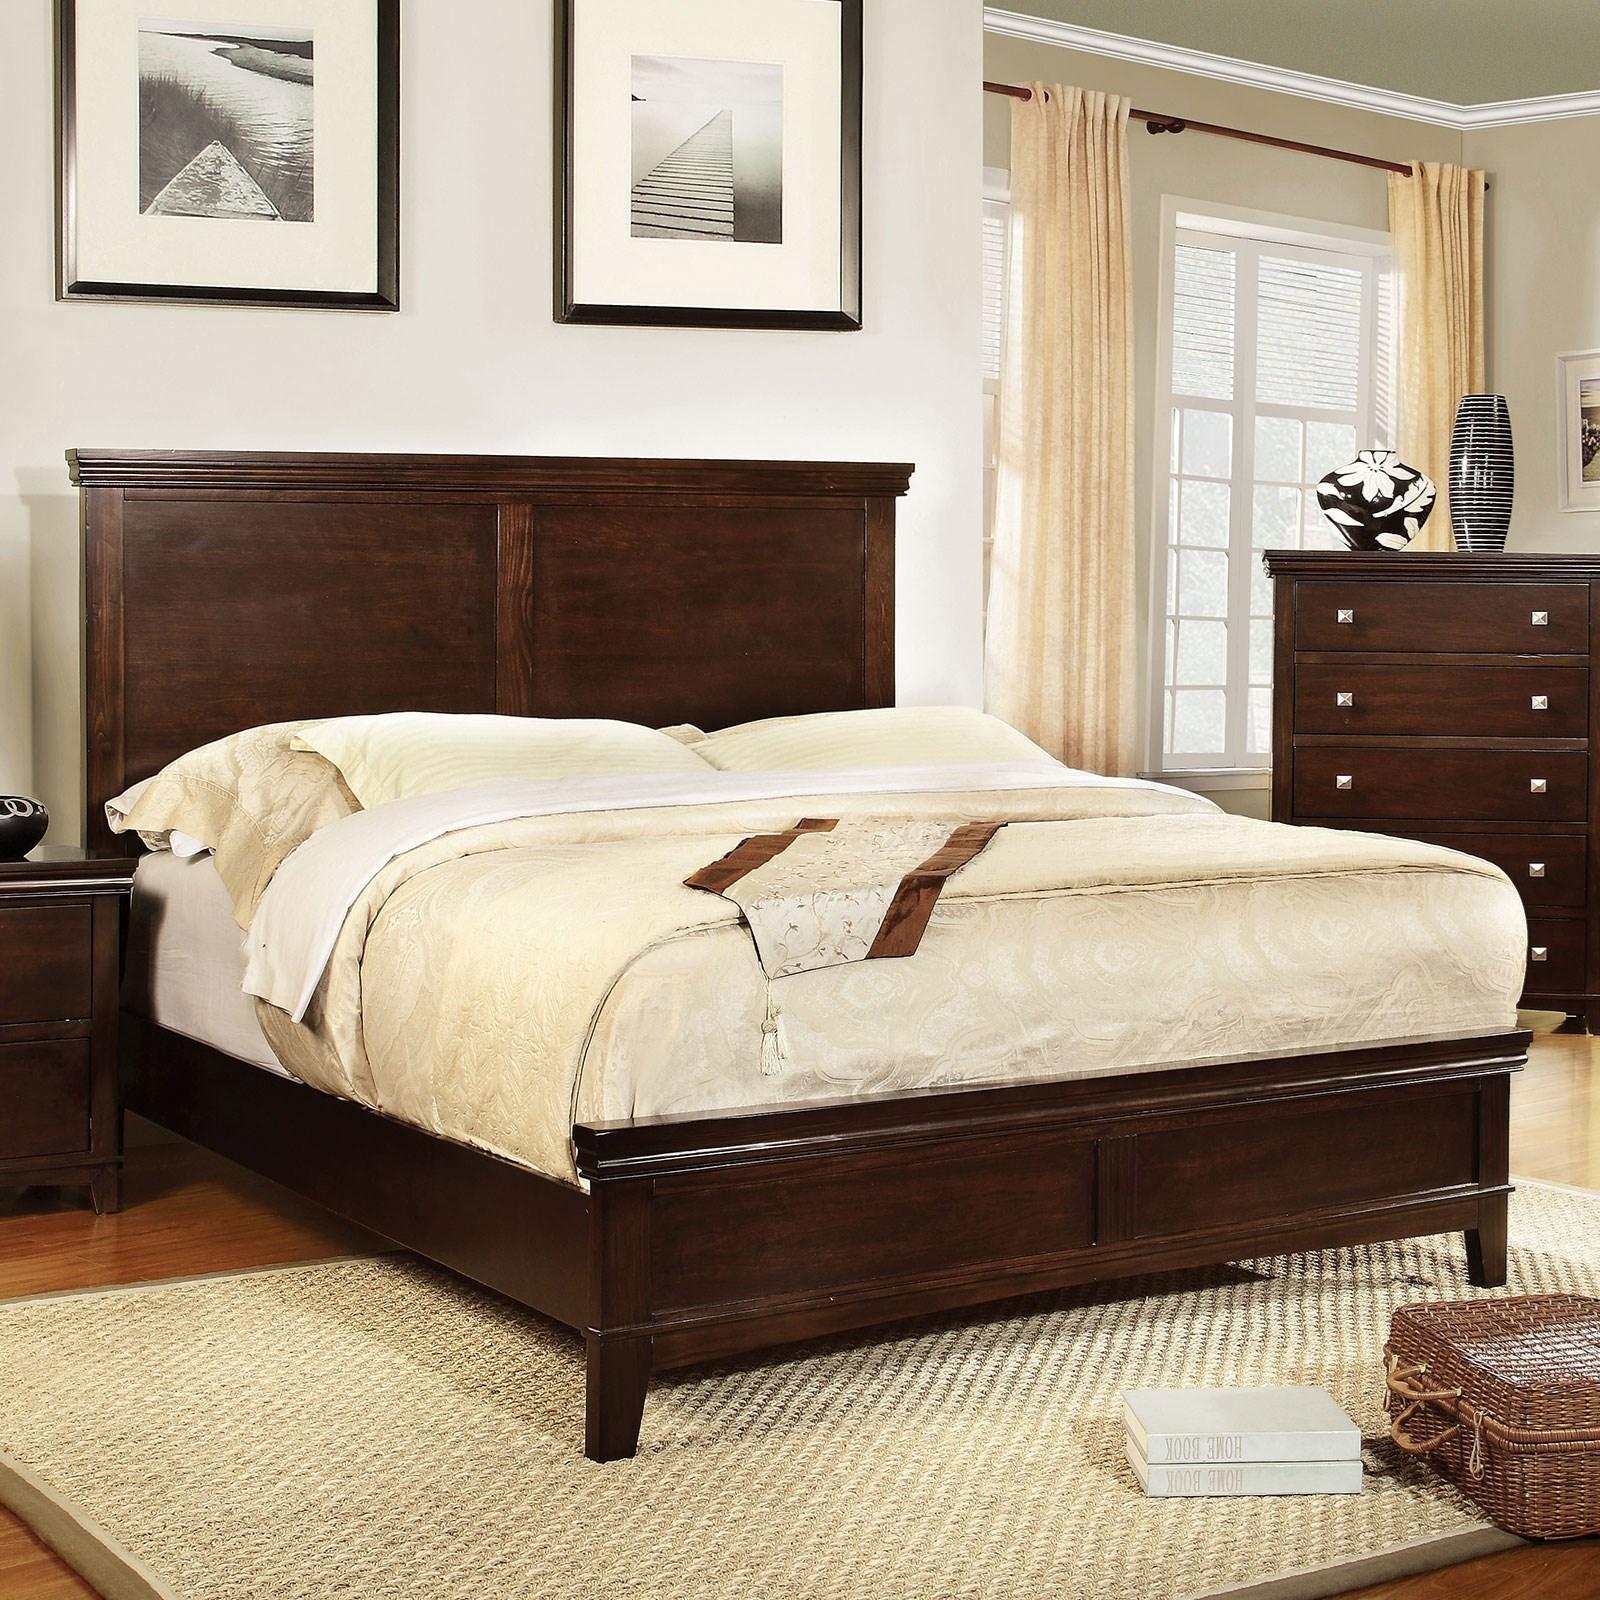 Spruce King Panel Platform Bed at Household Furniture